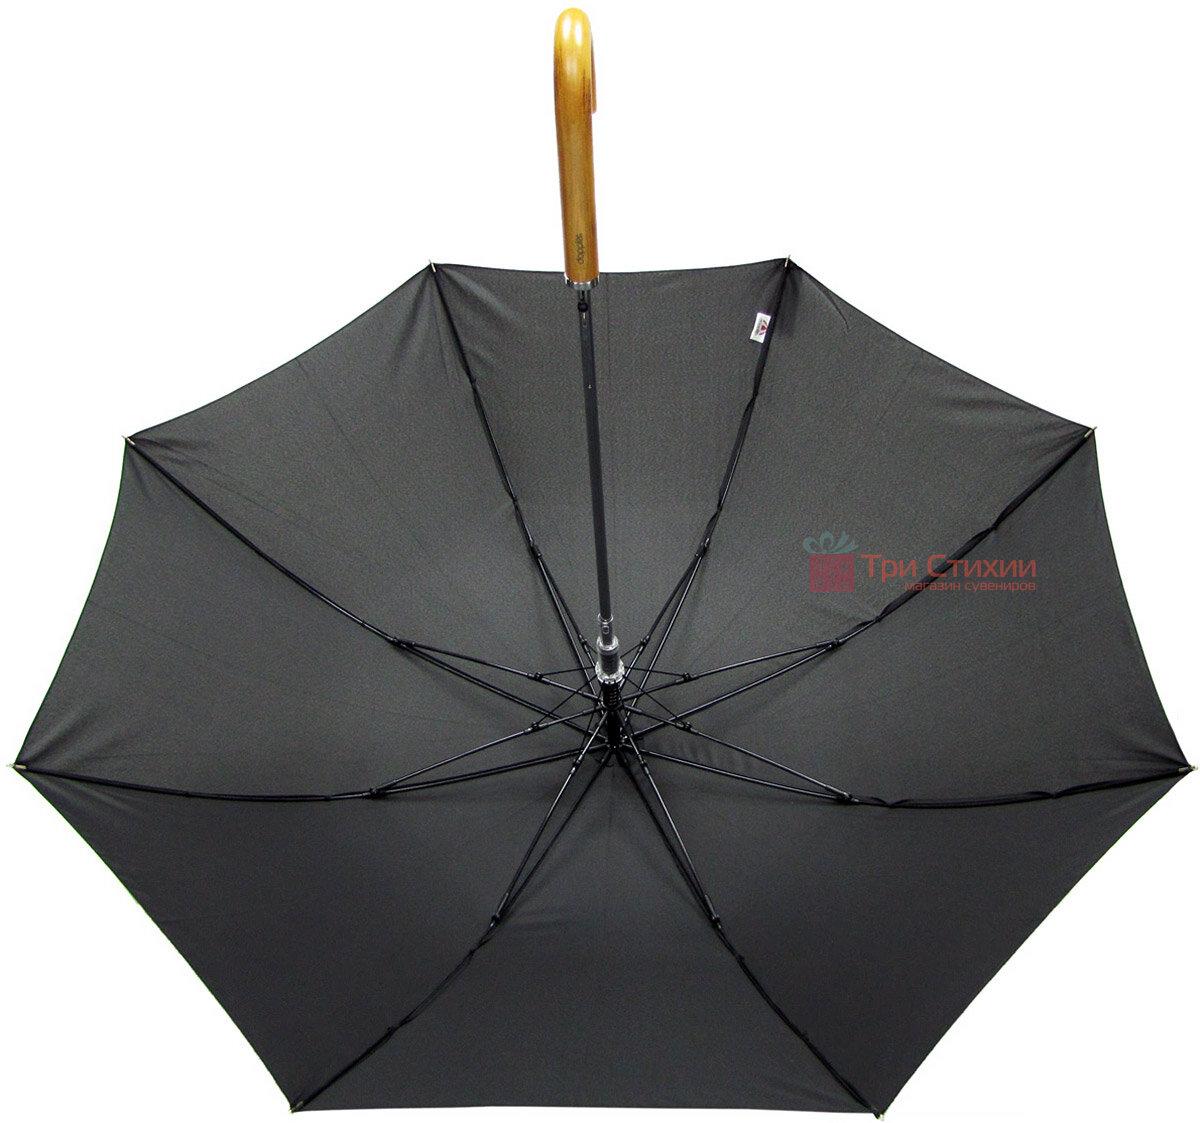 Зонт-трость Doppler 740167-3 полуавтомат Черный, фото 4